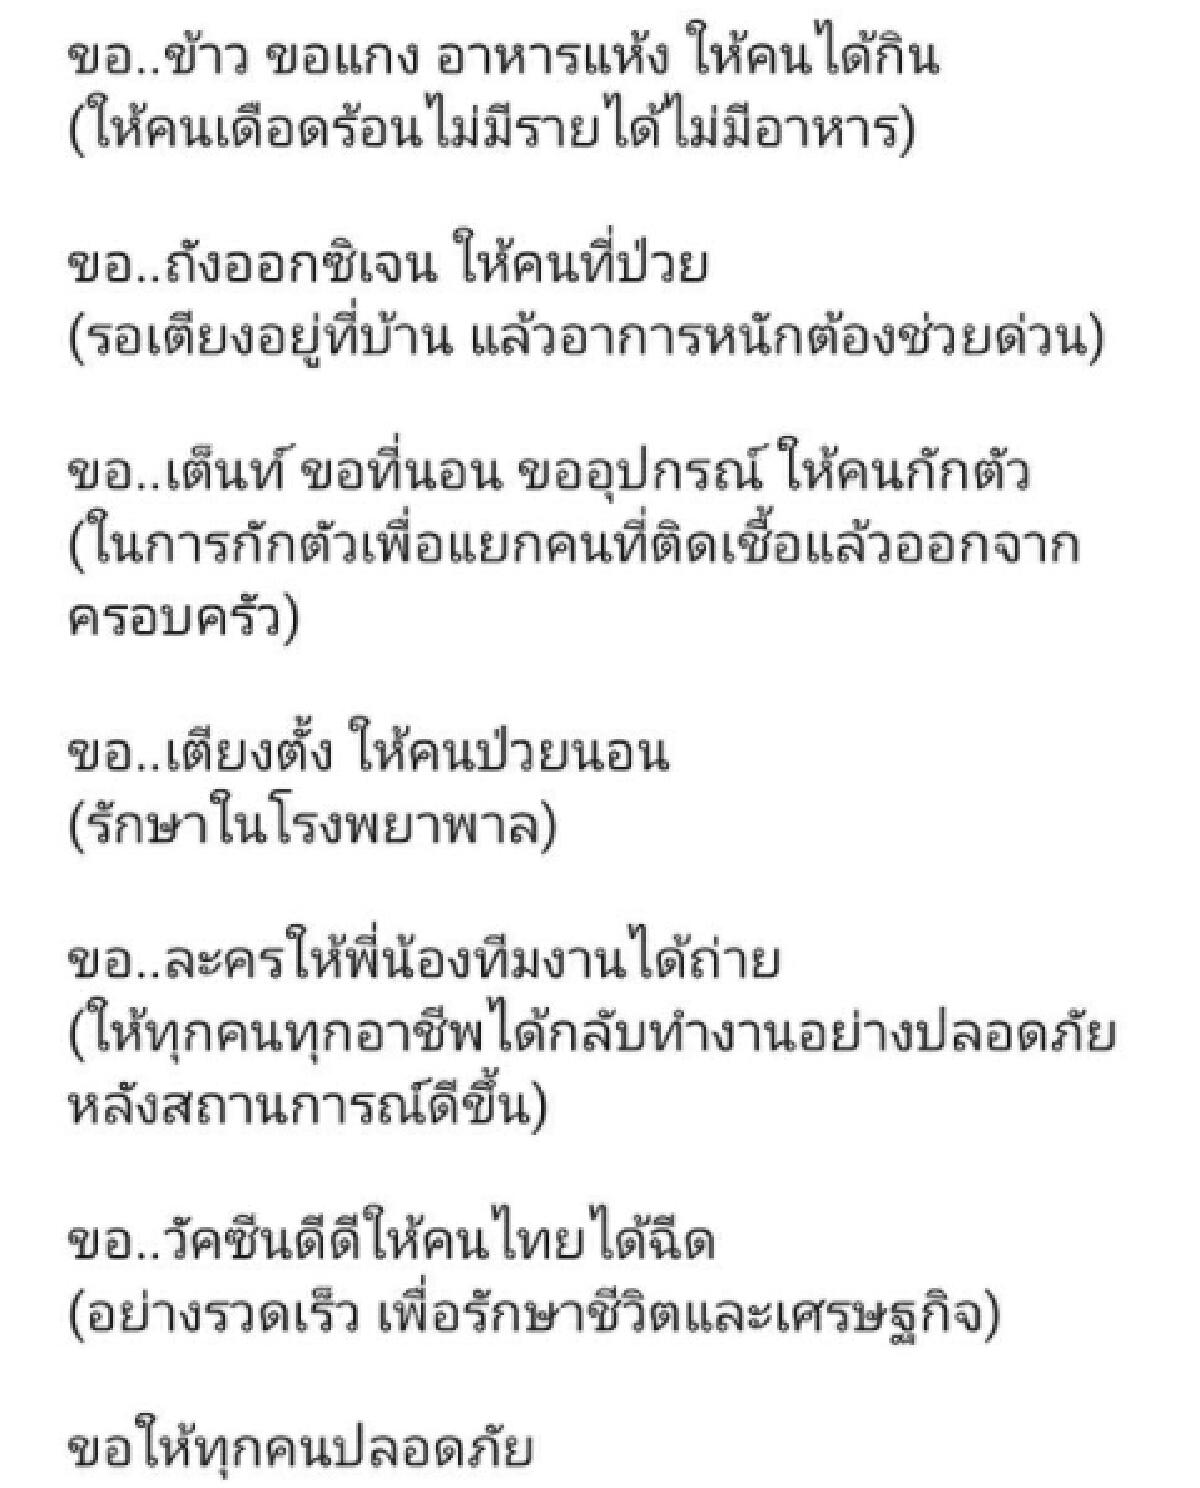 วาววา ณิชชา อธิษฐานขอพรให้คนไทยมีวัคซีนที่ดี มีถังออกซิเจน มีกินมีใช้